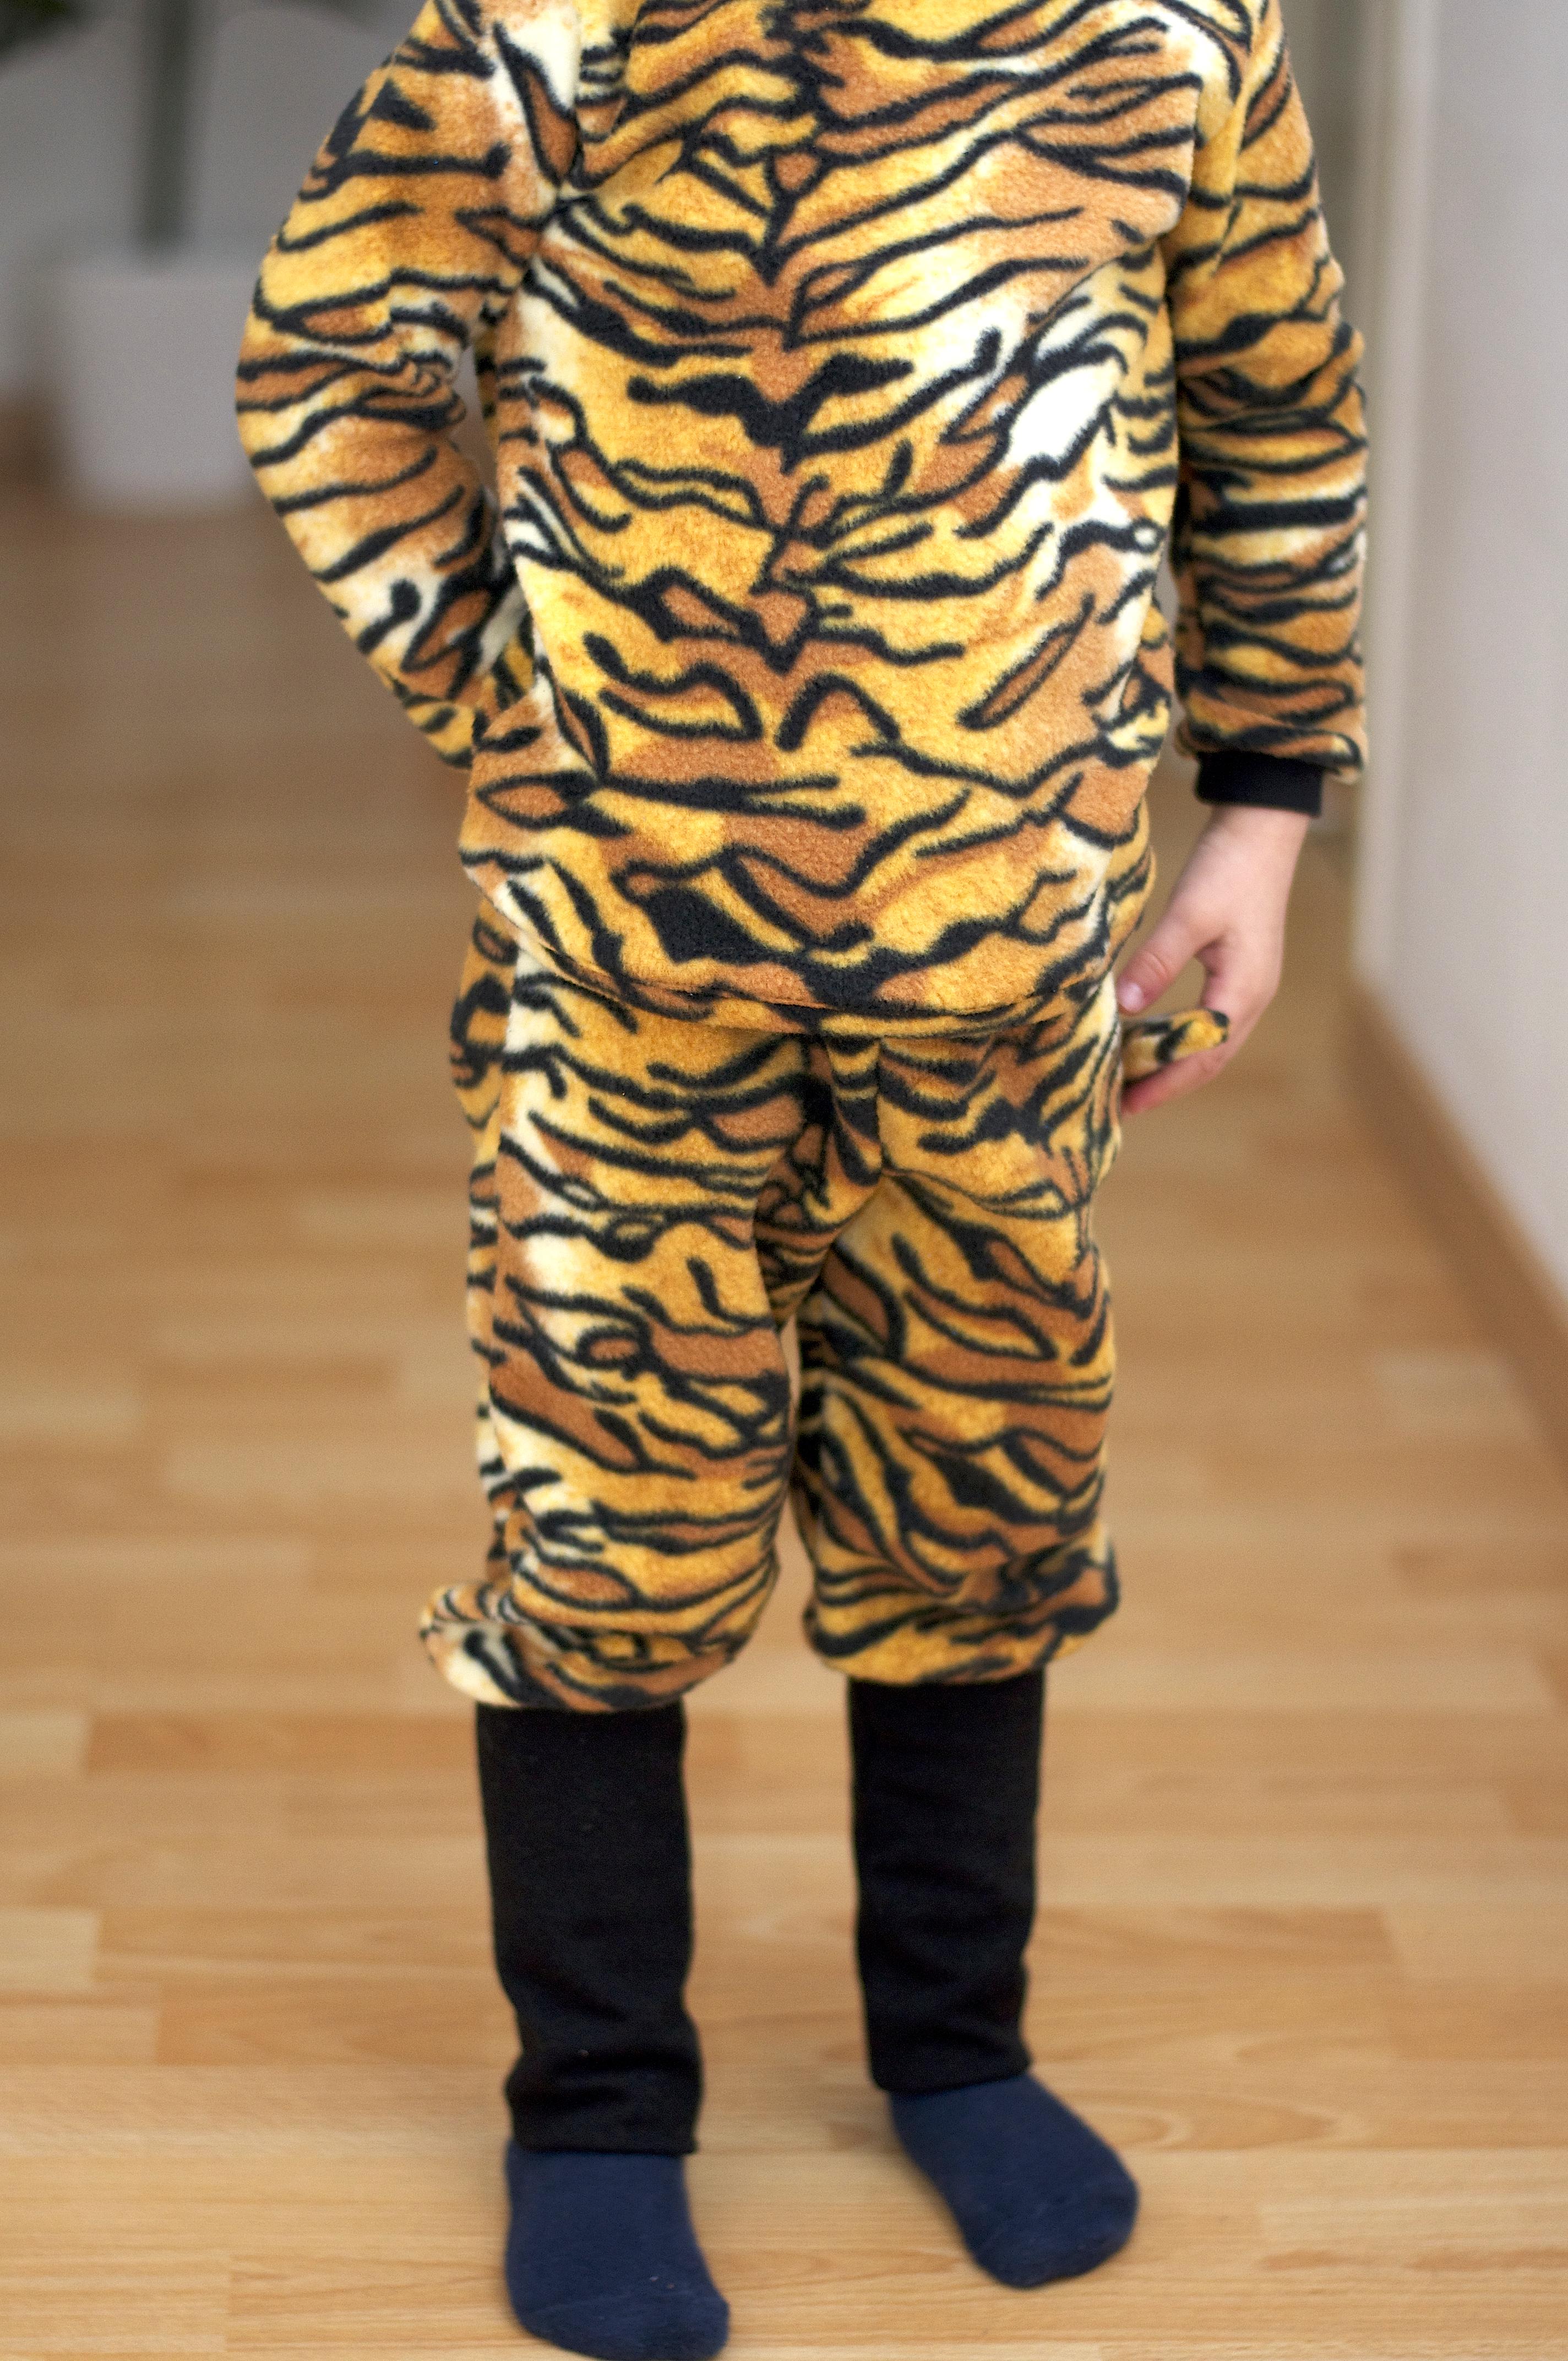 Tigerkostüm_ohne_kopf